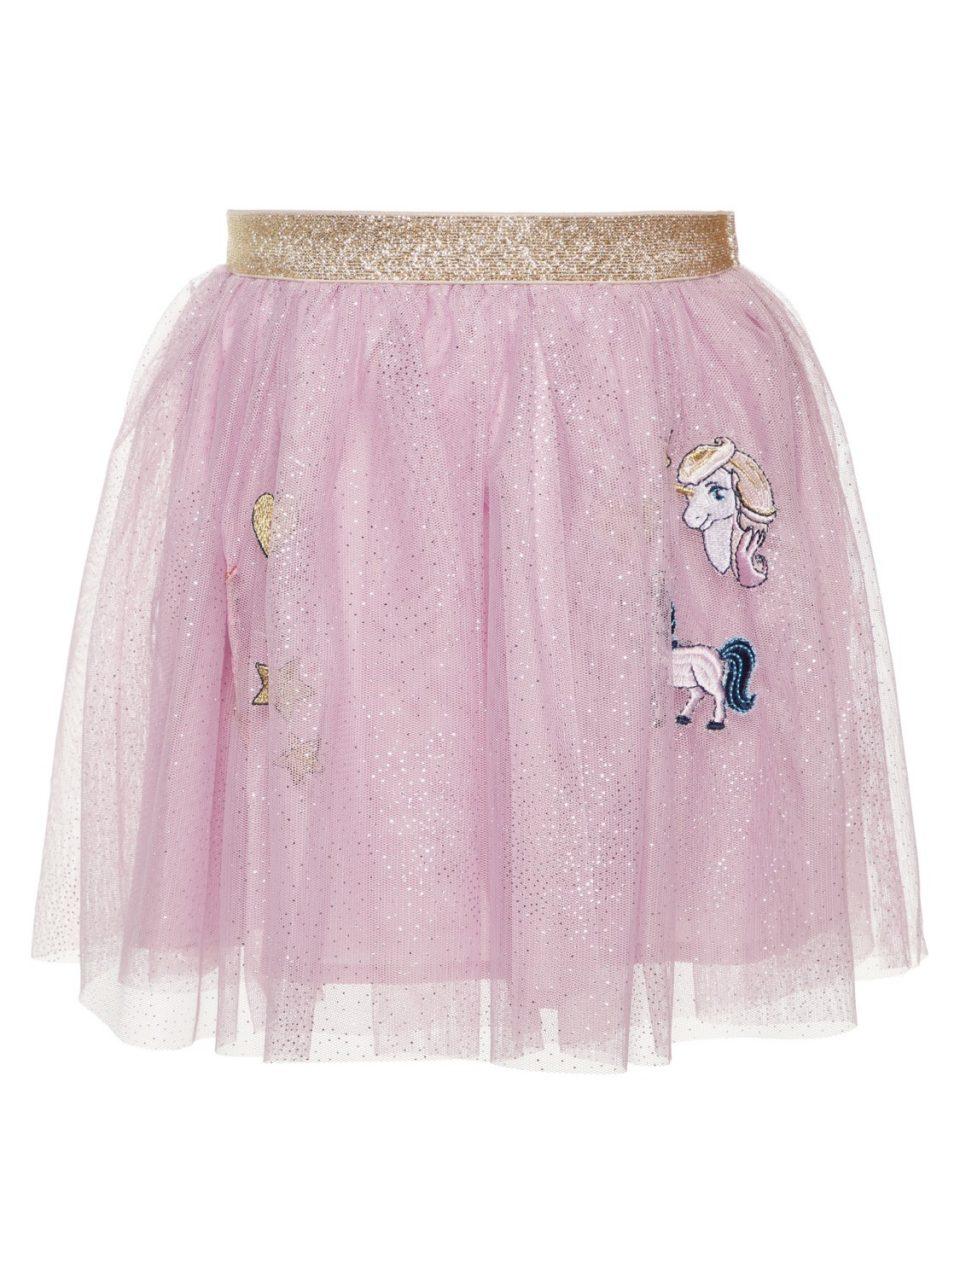 159ad60e Tyllskjørt til barn fra Name It, rosa tyllskjørt til jente med My ...